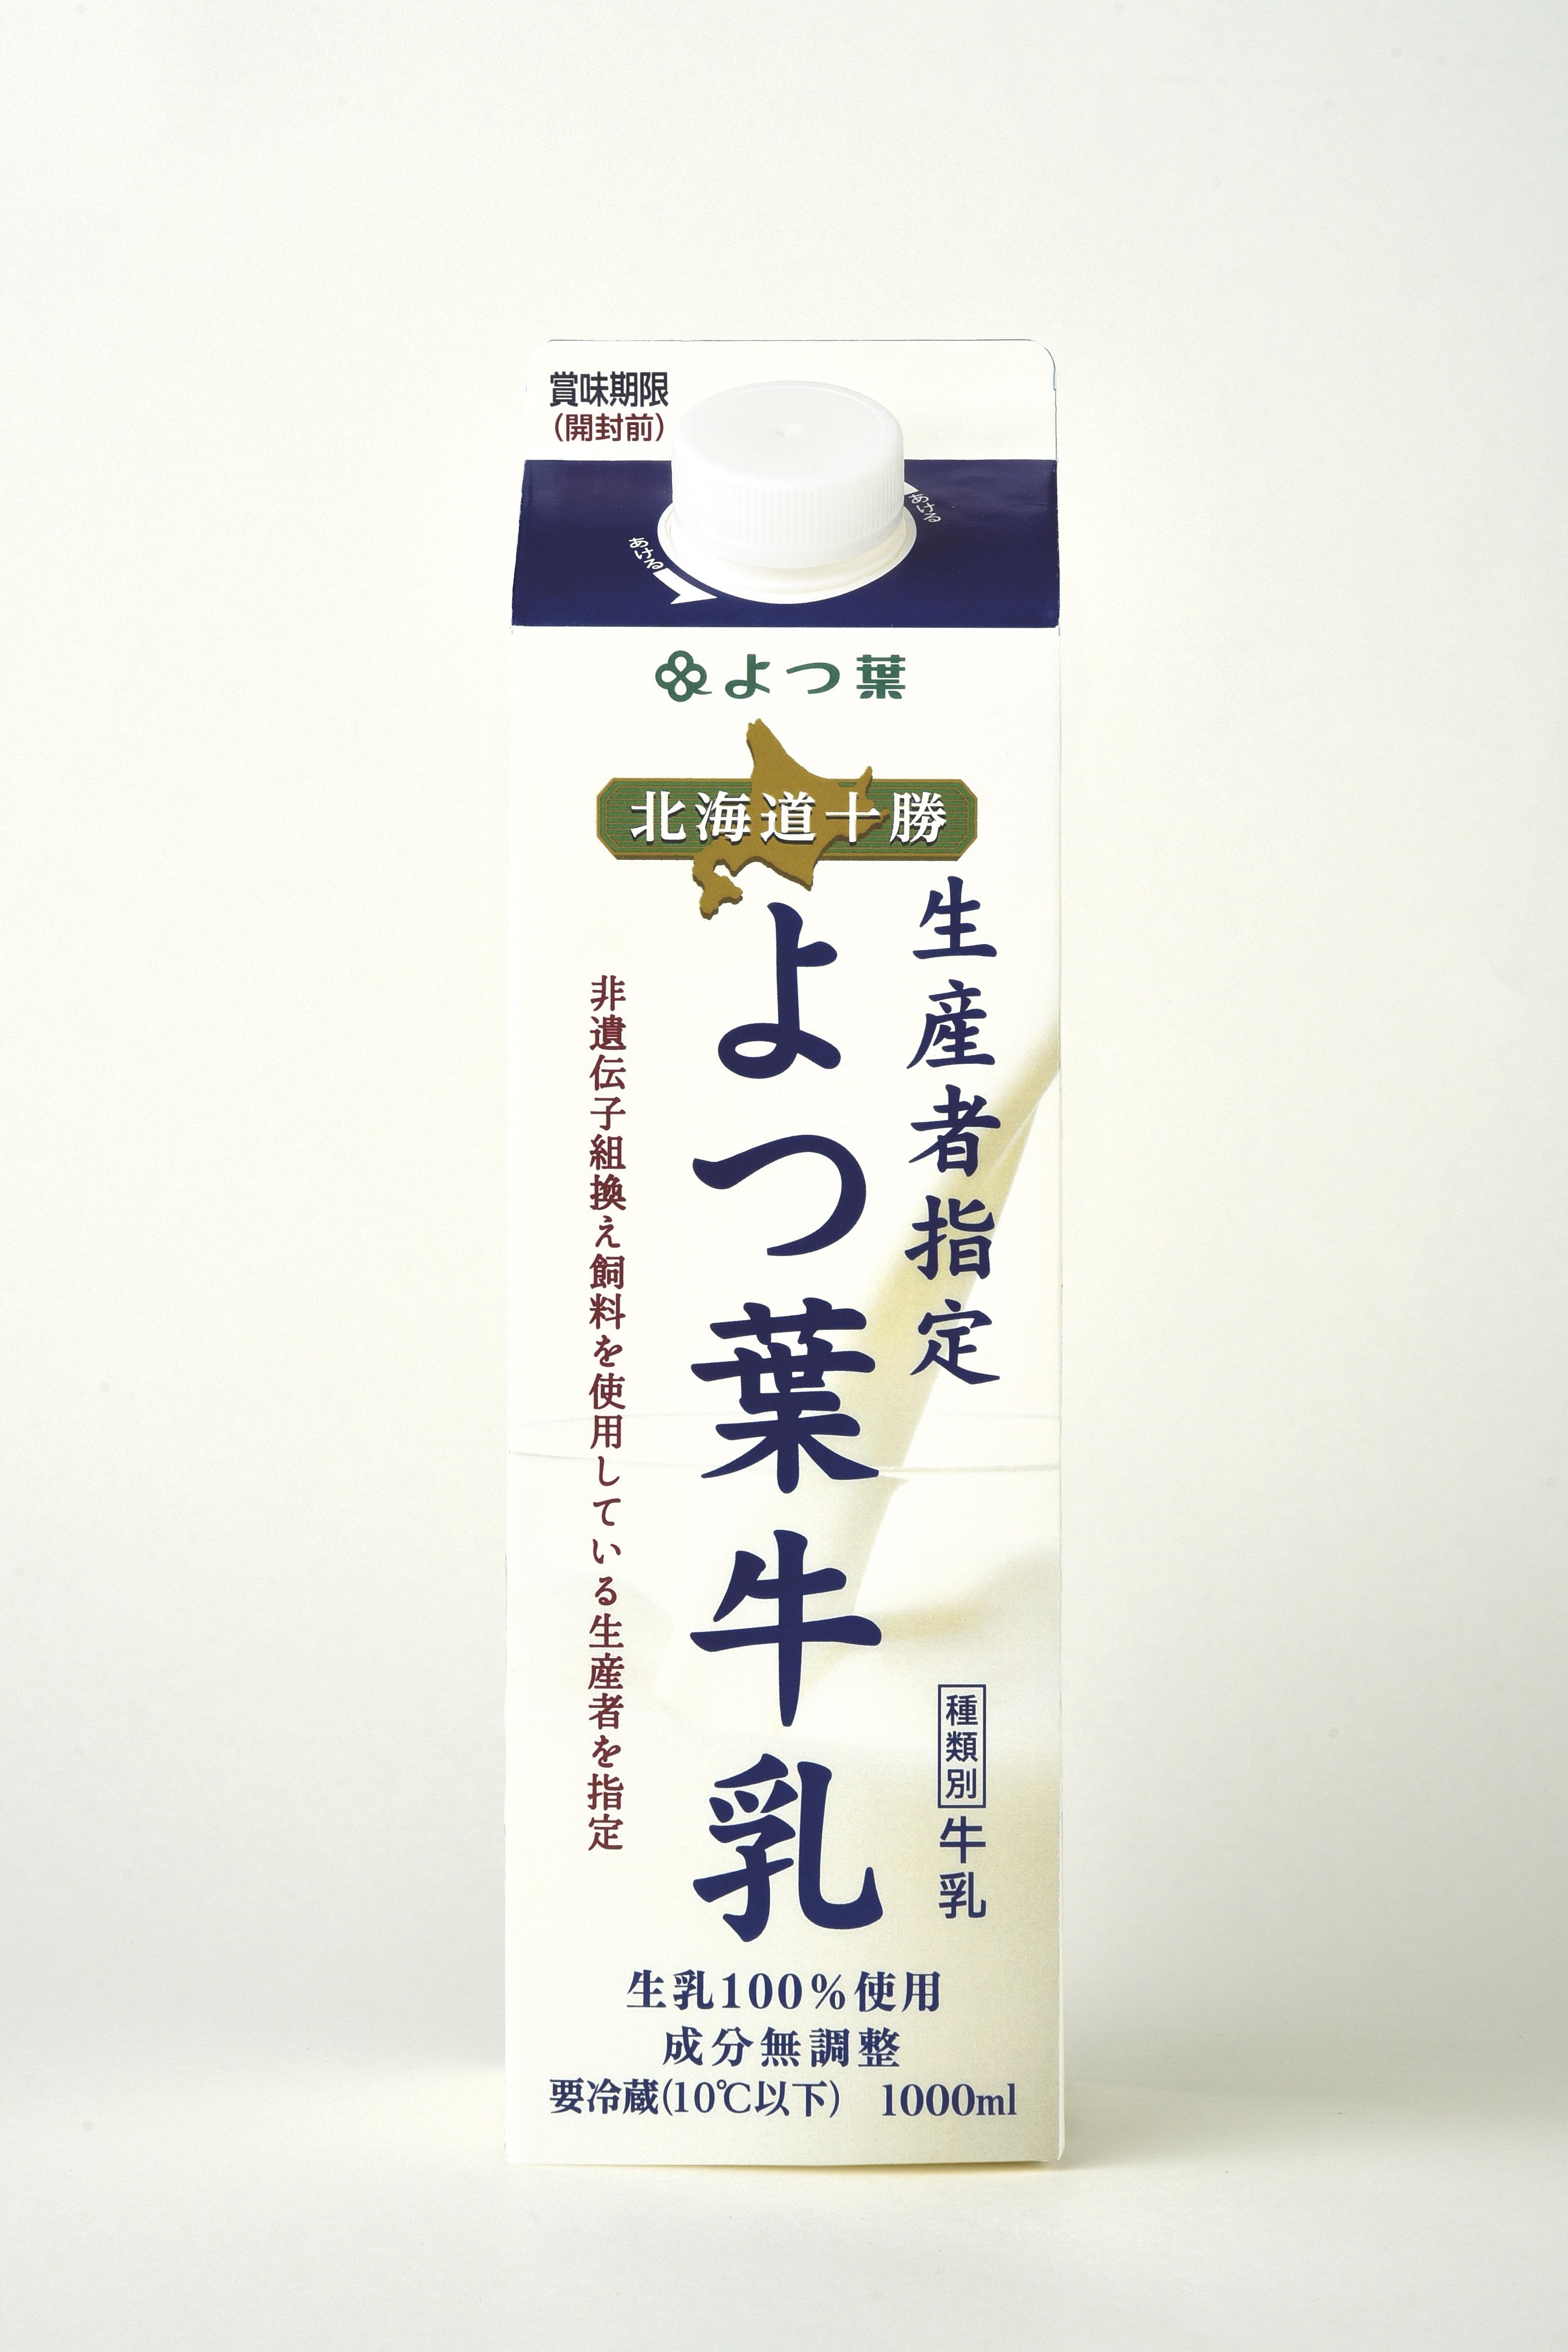 よつ葉 生産者指定牛乳